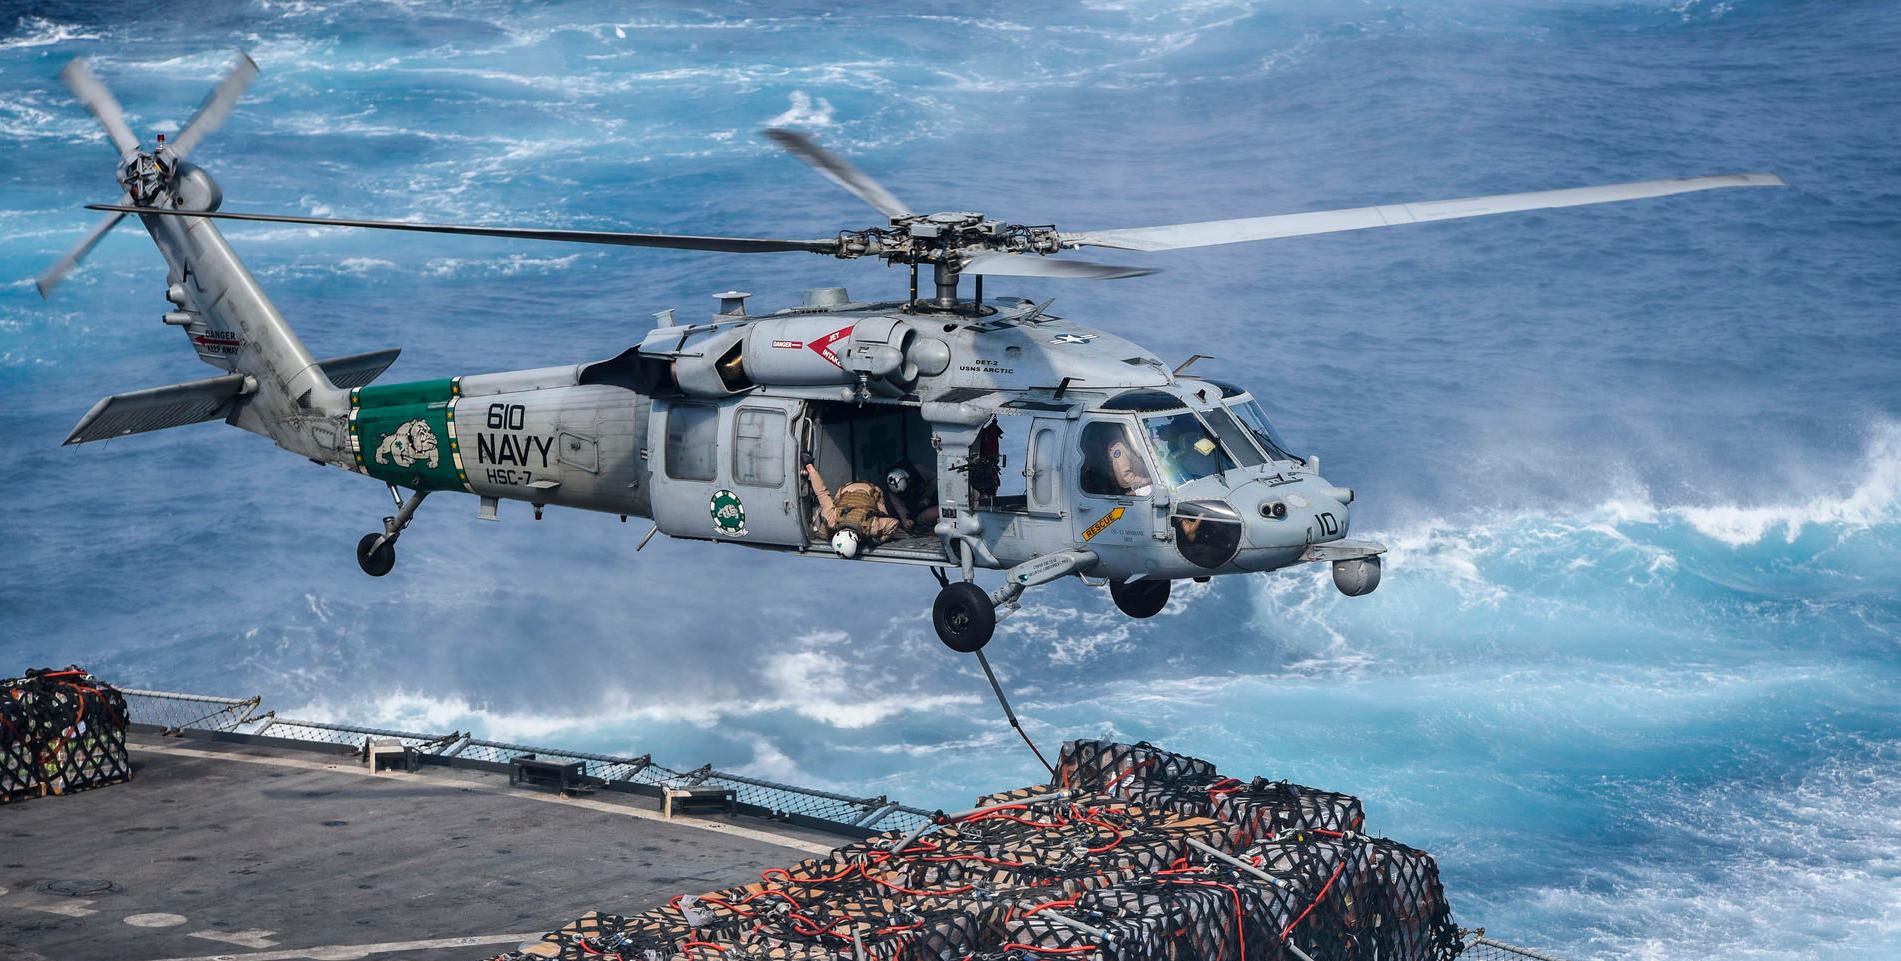 Обои MH-60R, армия, Sea Hawk helicopter. Авиация